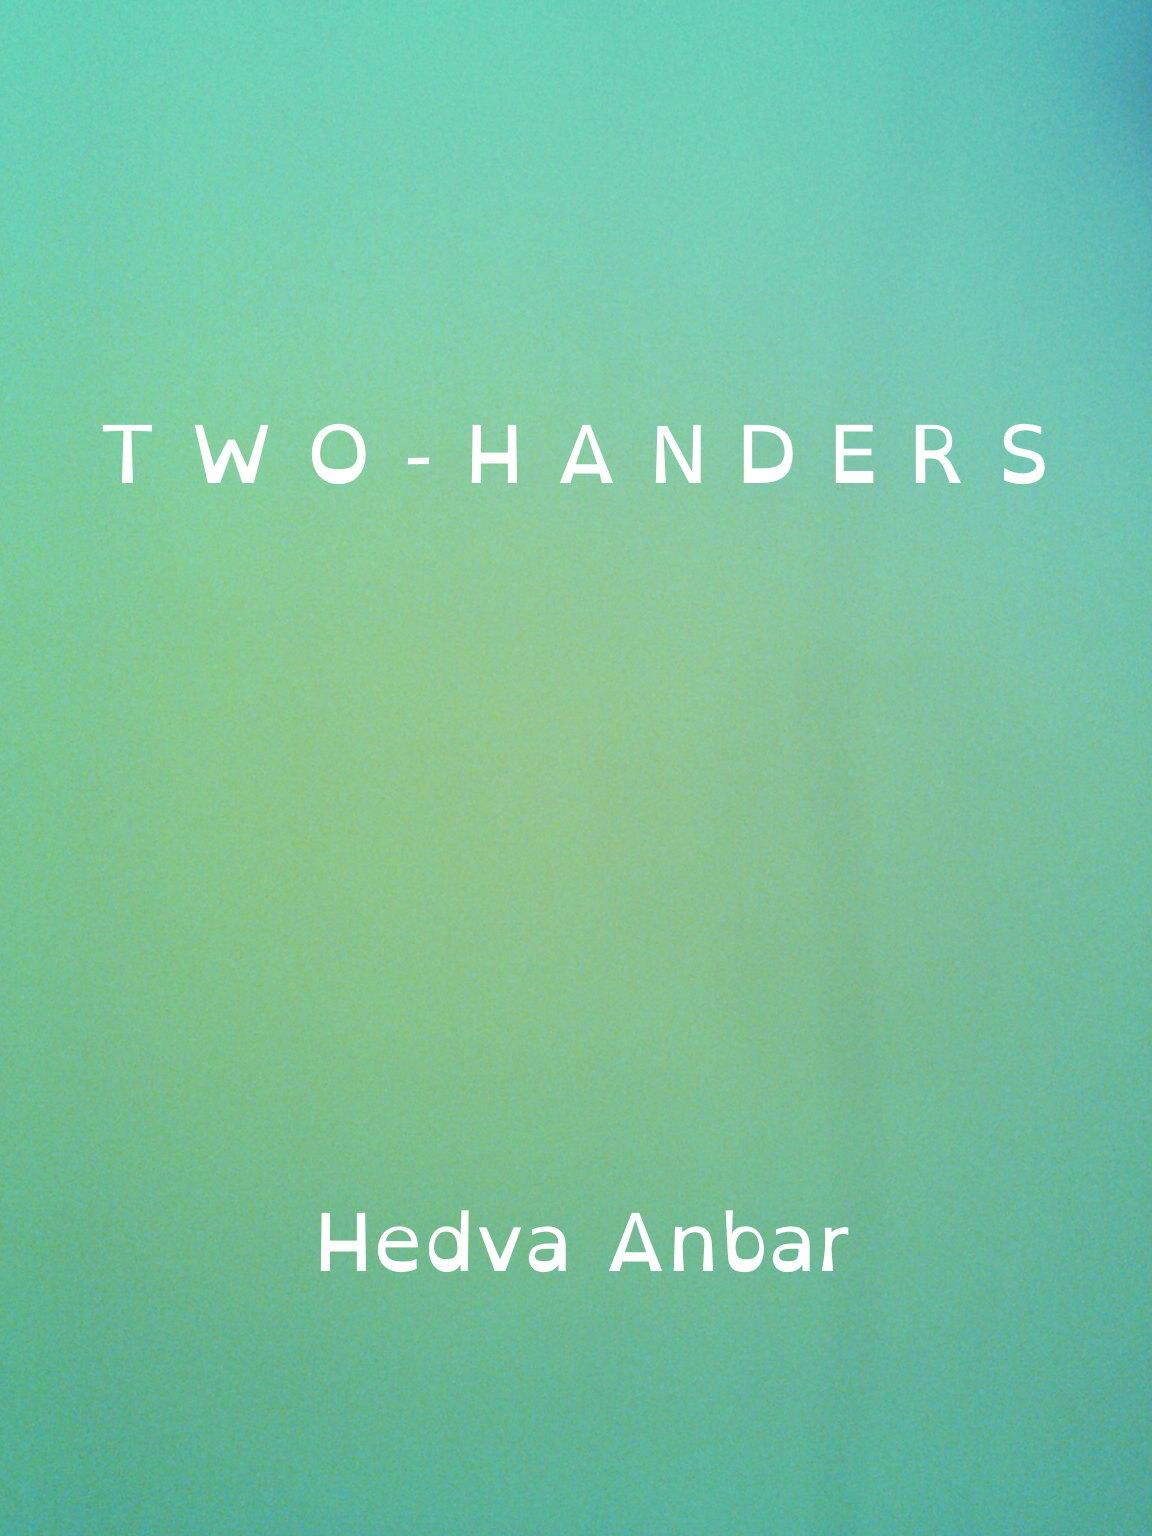 Two-handers